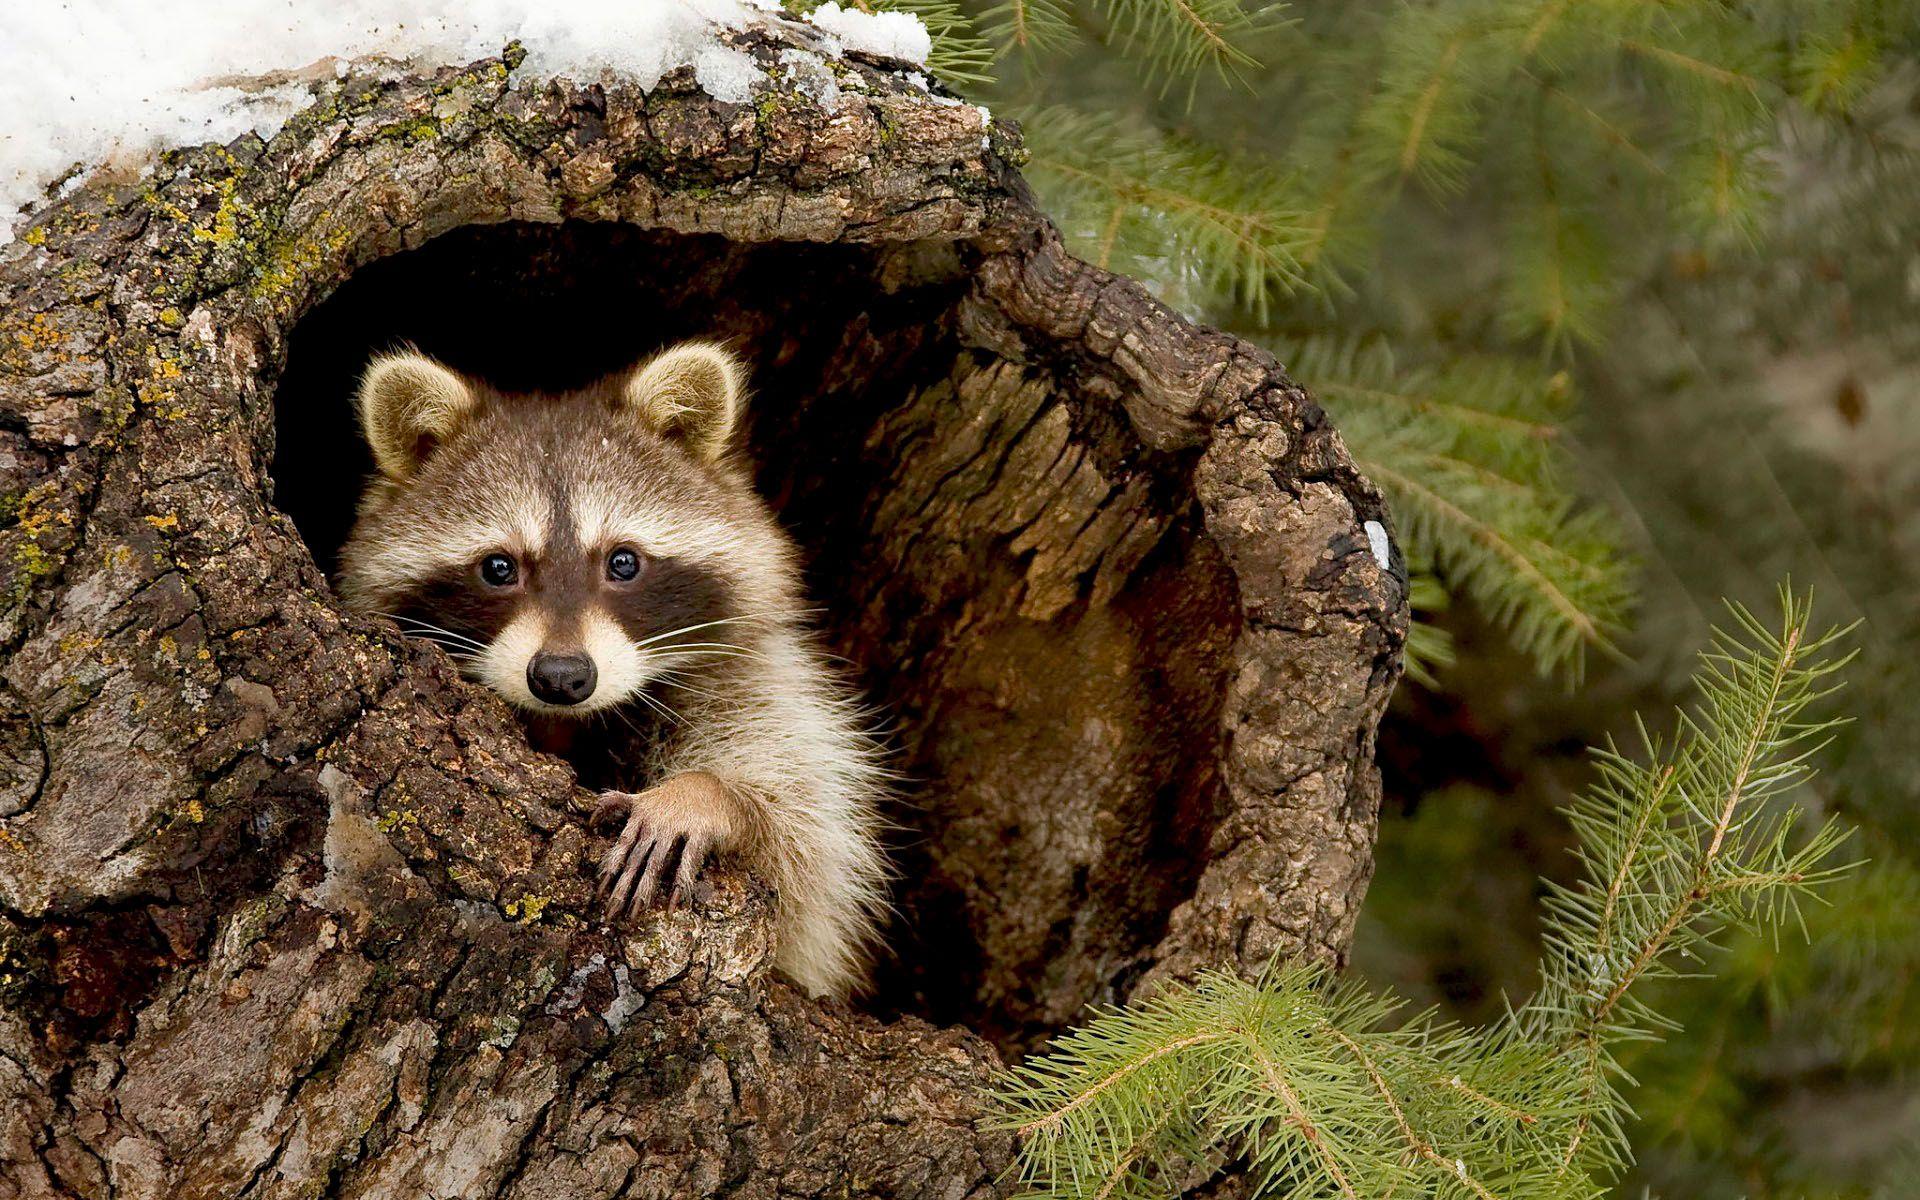 природа америки картинки животных запрос кавычки